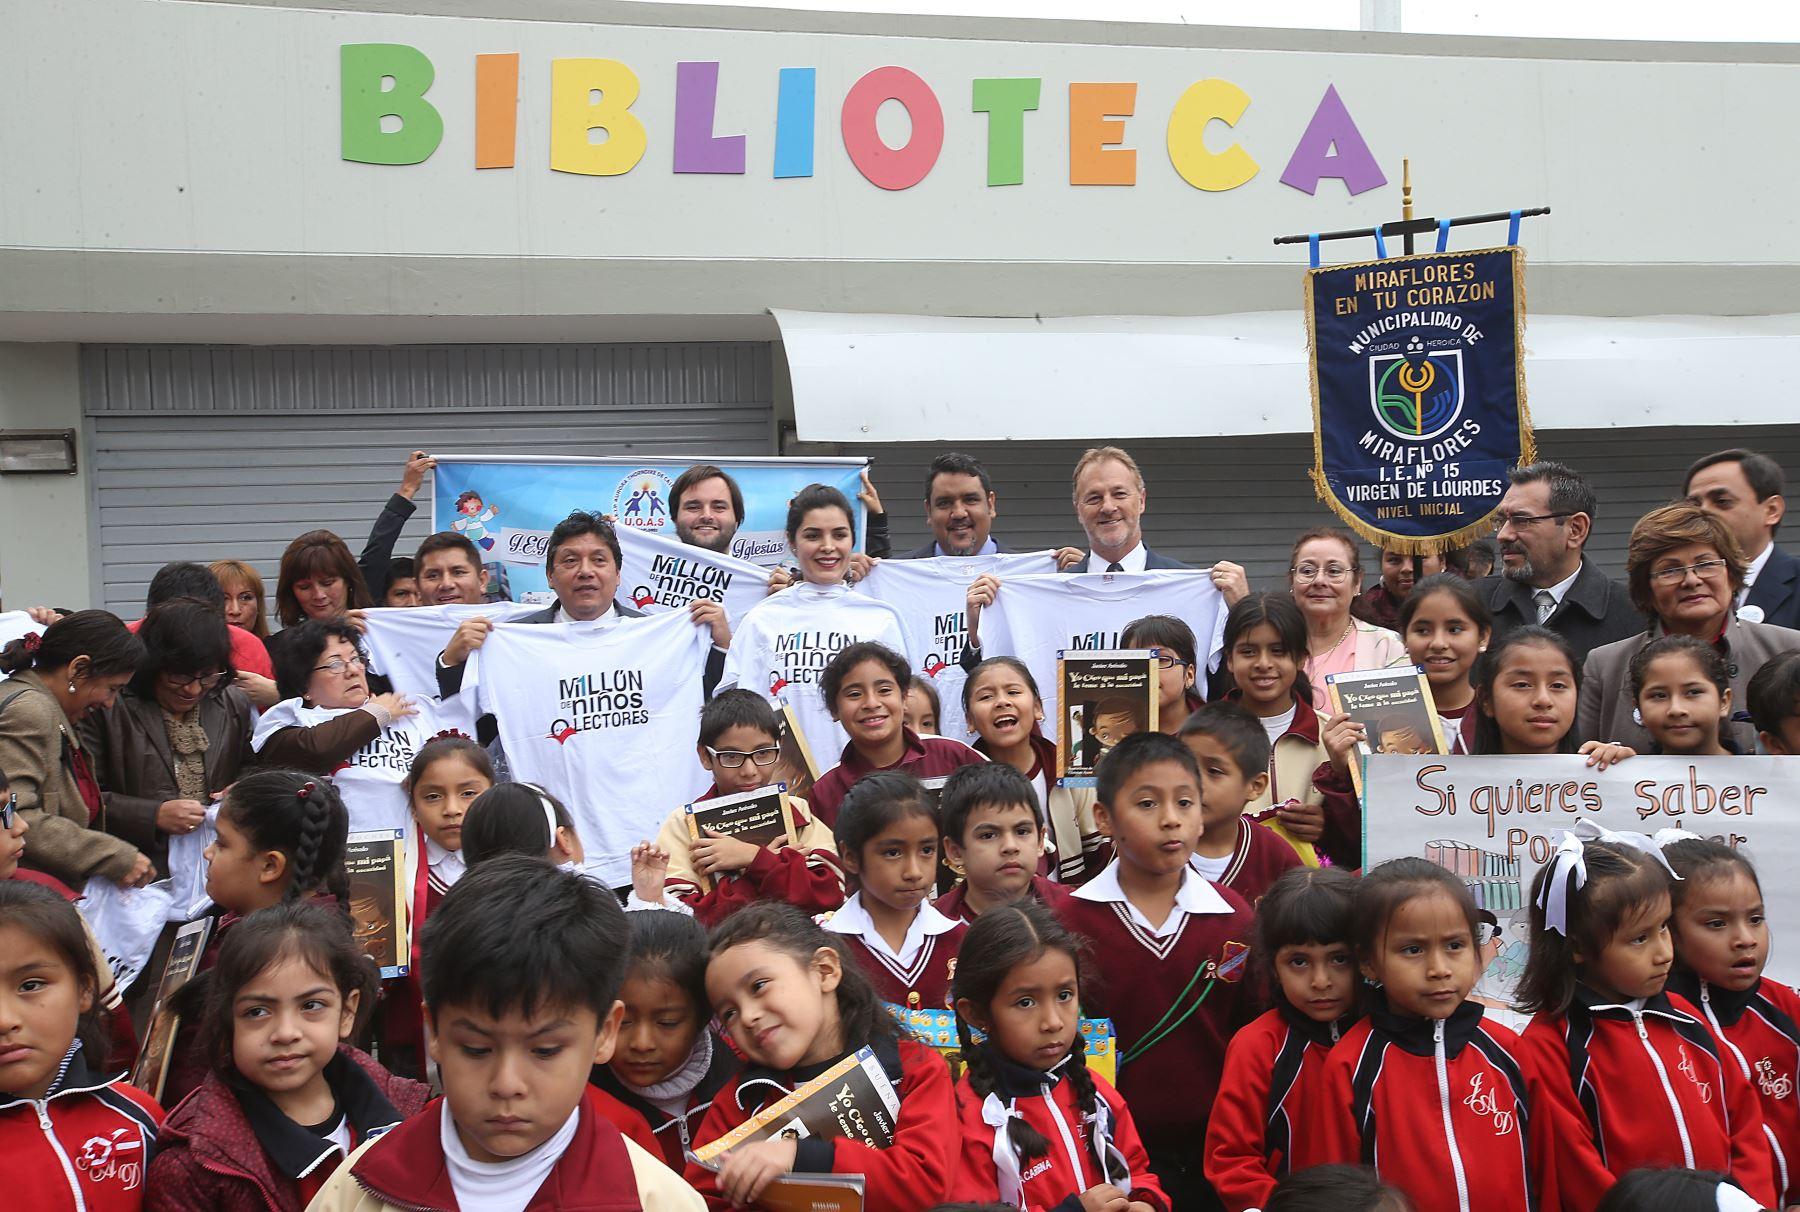 Alcalde de Miraflores, Jorge Muñoz, y directiora de Un Millpon de Niños Lectores, Teresa Boullon, inauguraron red de bibliotecas municipales en el colegio Juana Alarco de Dammert. ANDINA/Juan Carlos Guzmán